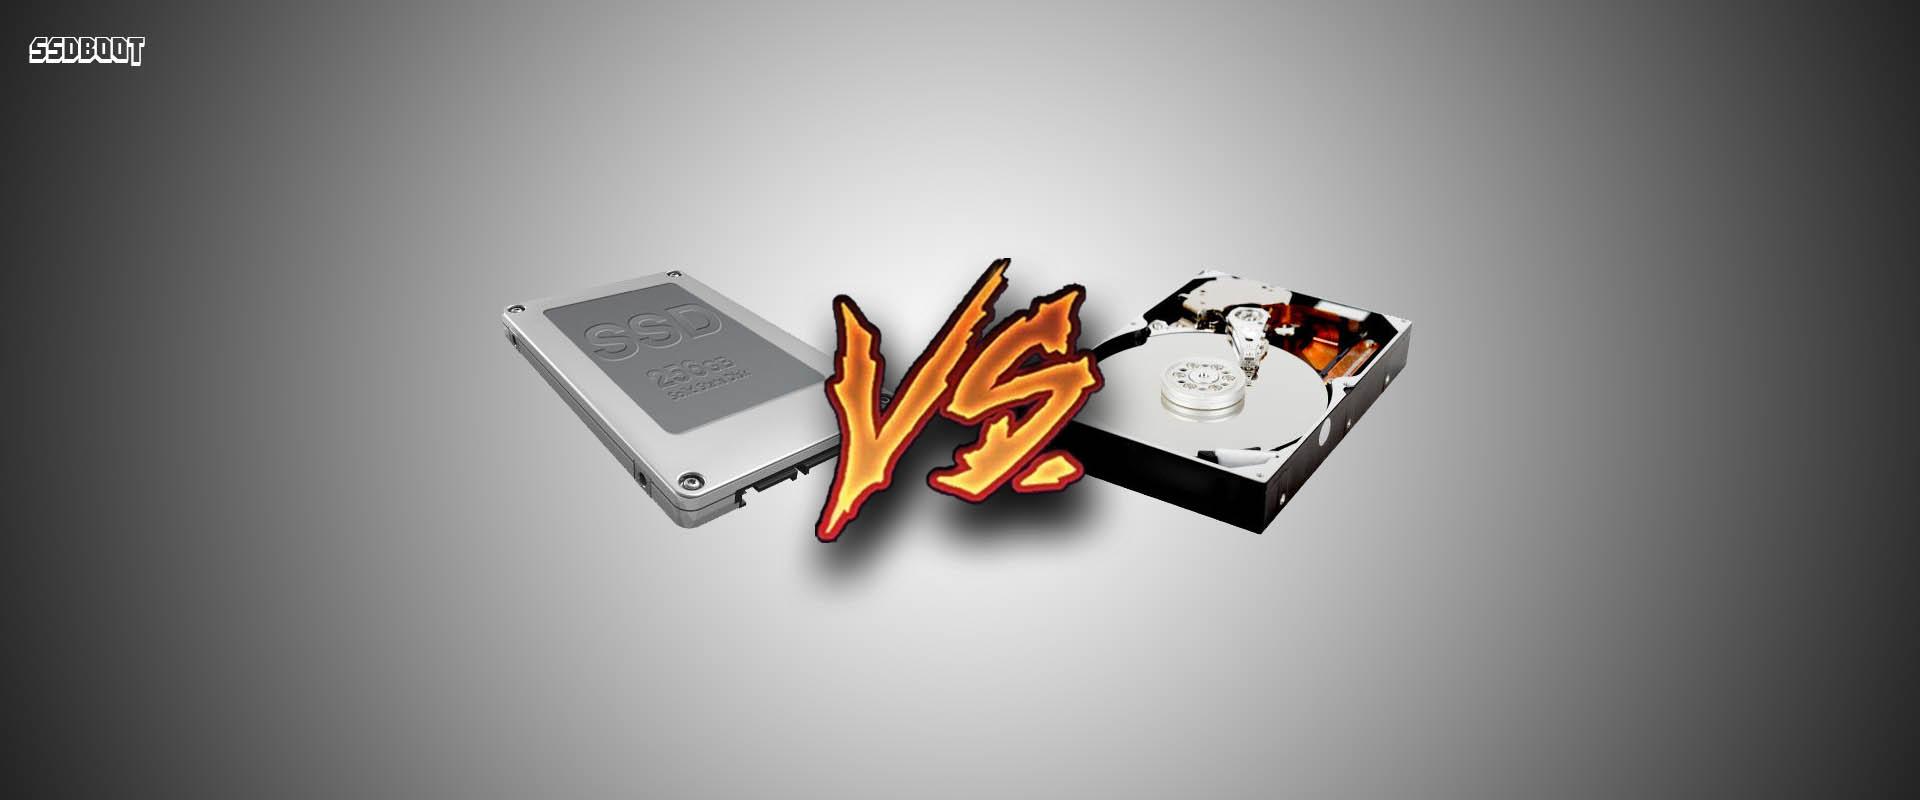 SSD vagy HDD? 🐌 🆚 🚅